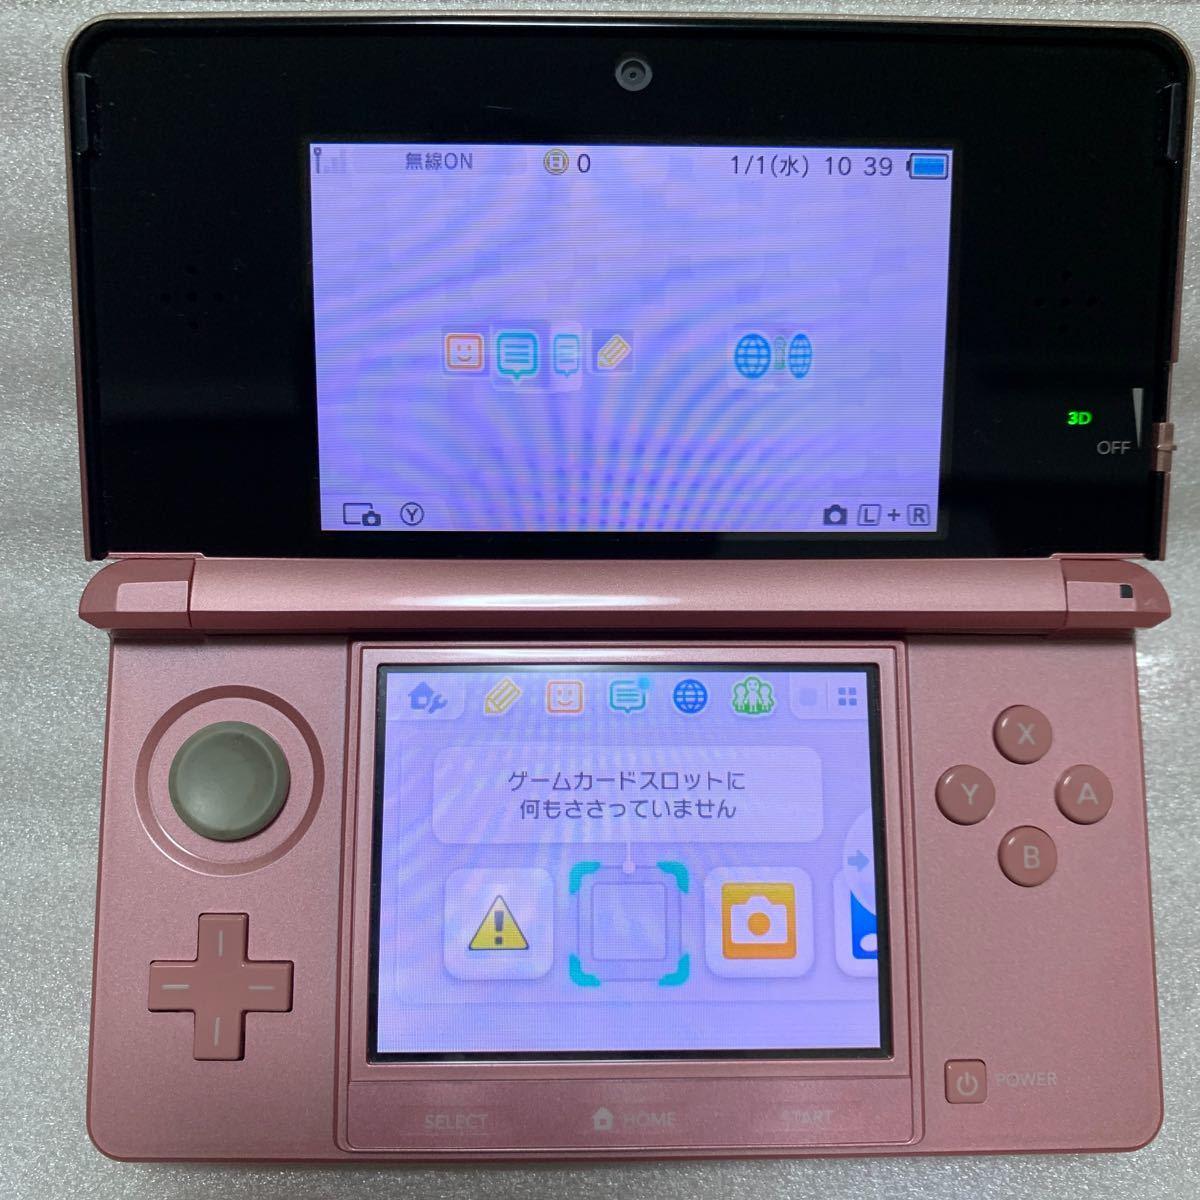 任天堂 3DS本体  ミスティピンク 充電器  ニンテンドー3DS本体